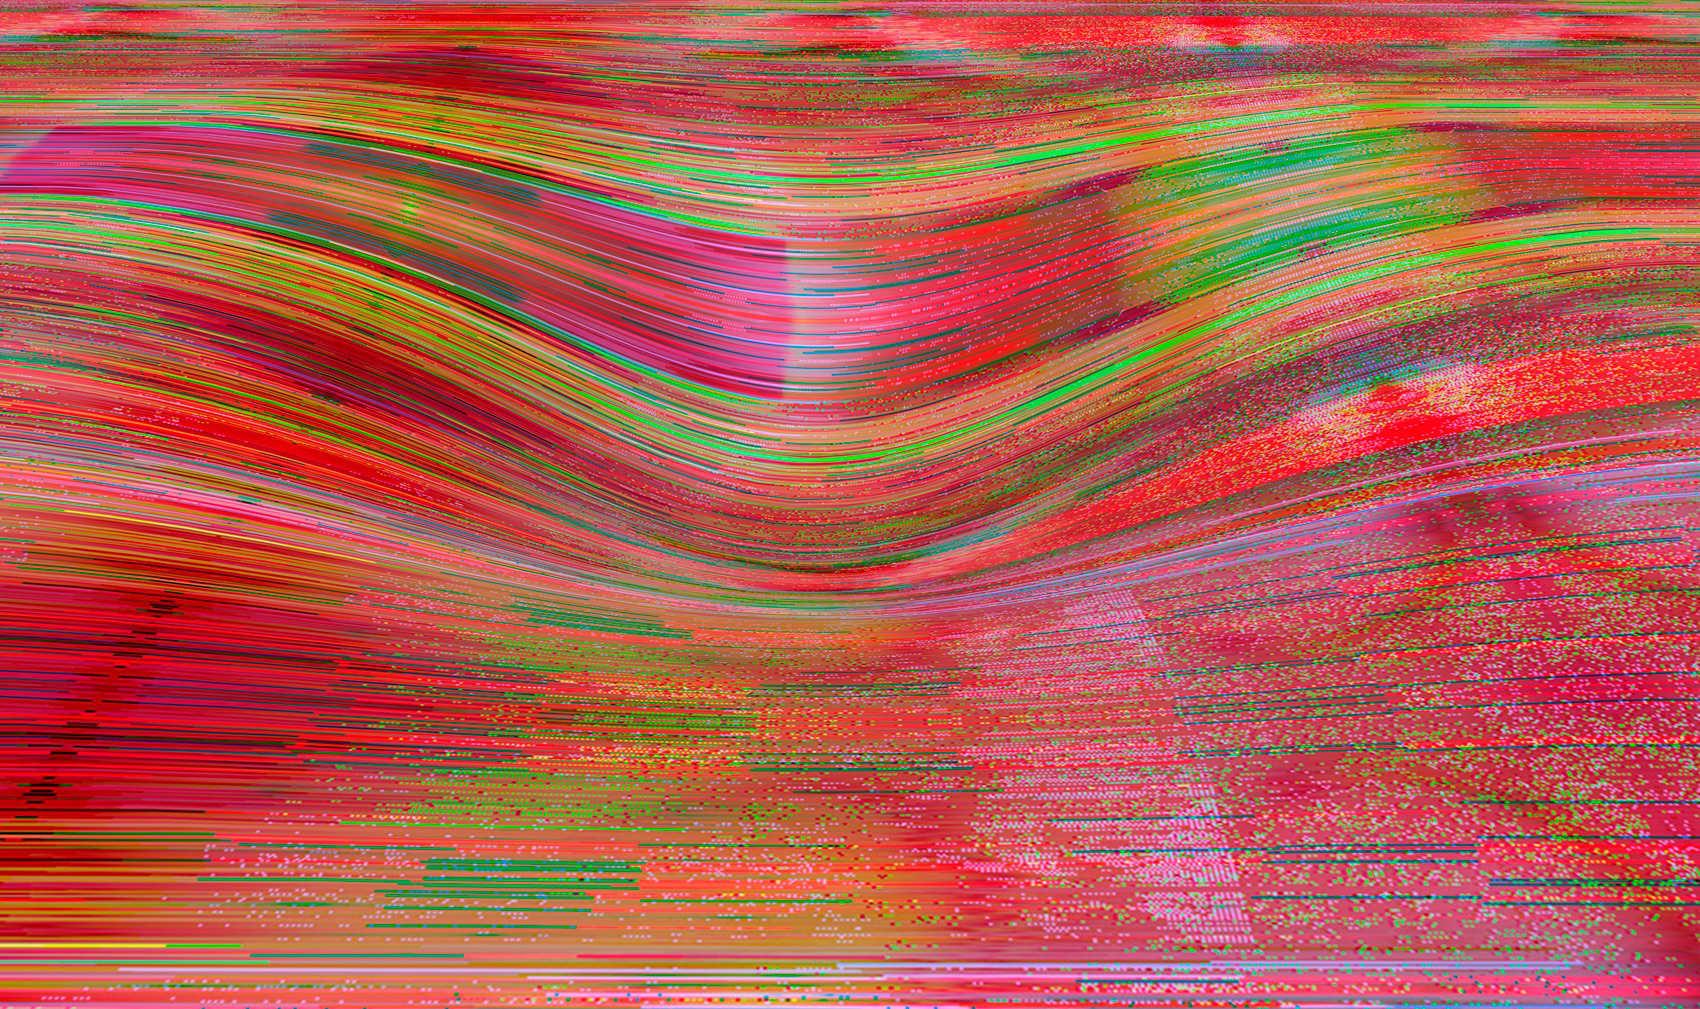 Landslide 9, 2017, jet d'encre pigmentaire sur papier Fine Art, 84 x 150 cm